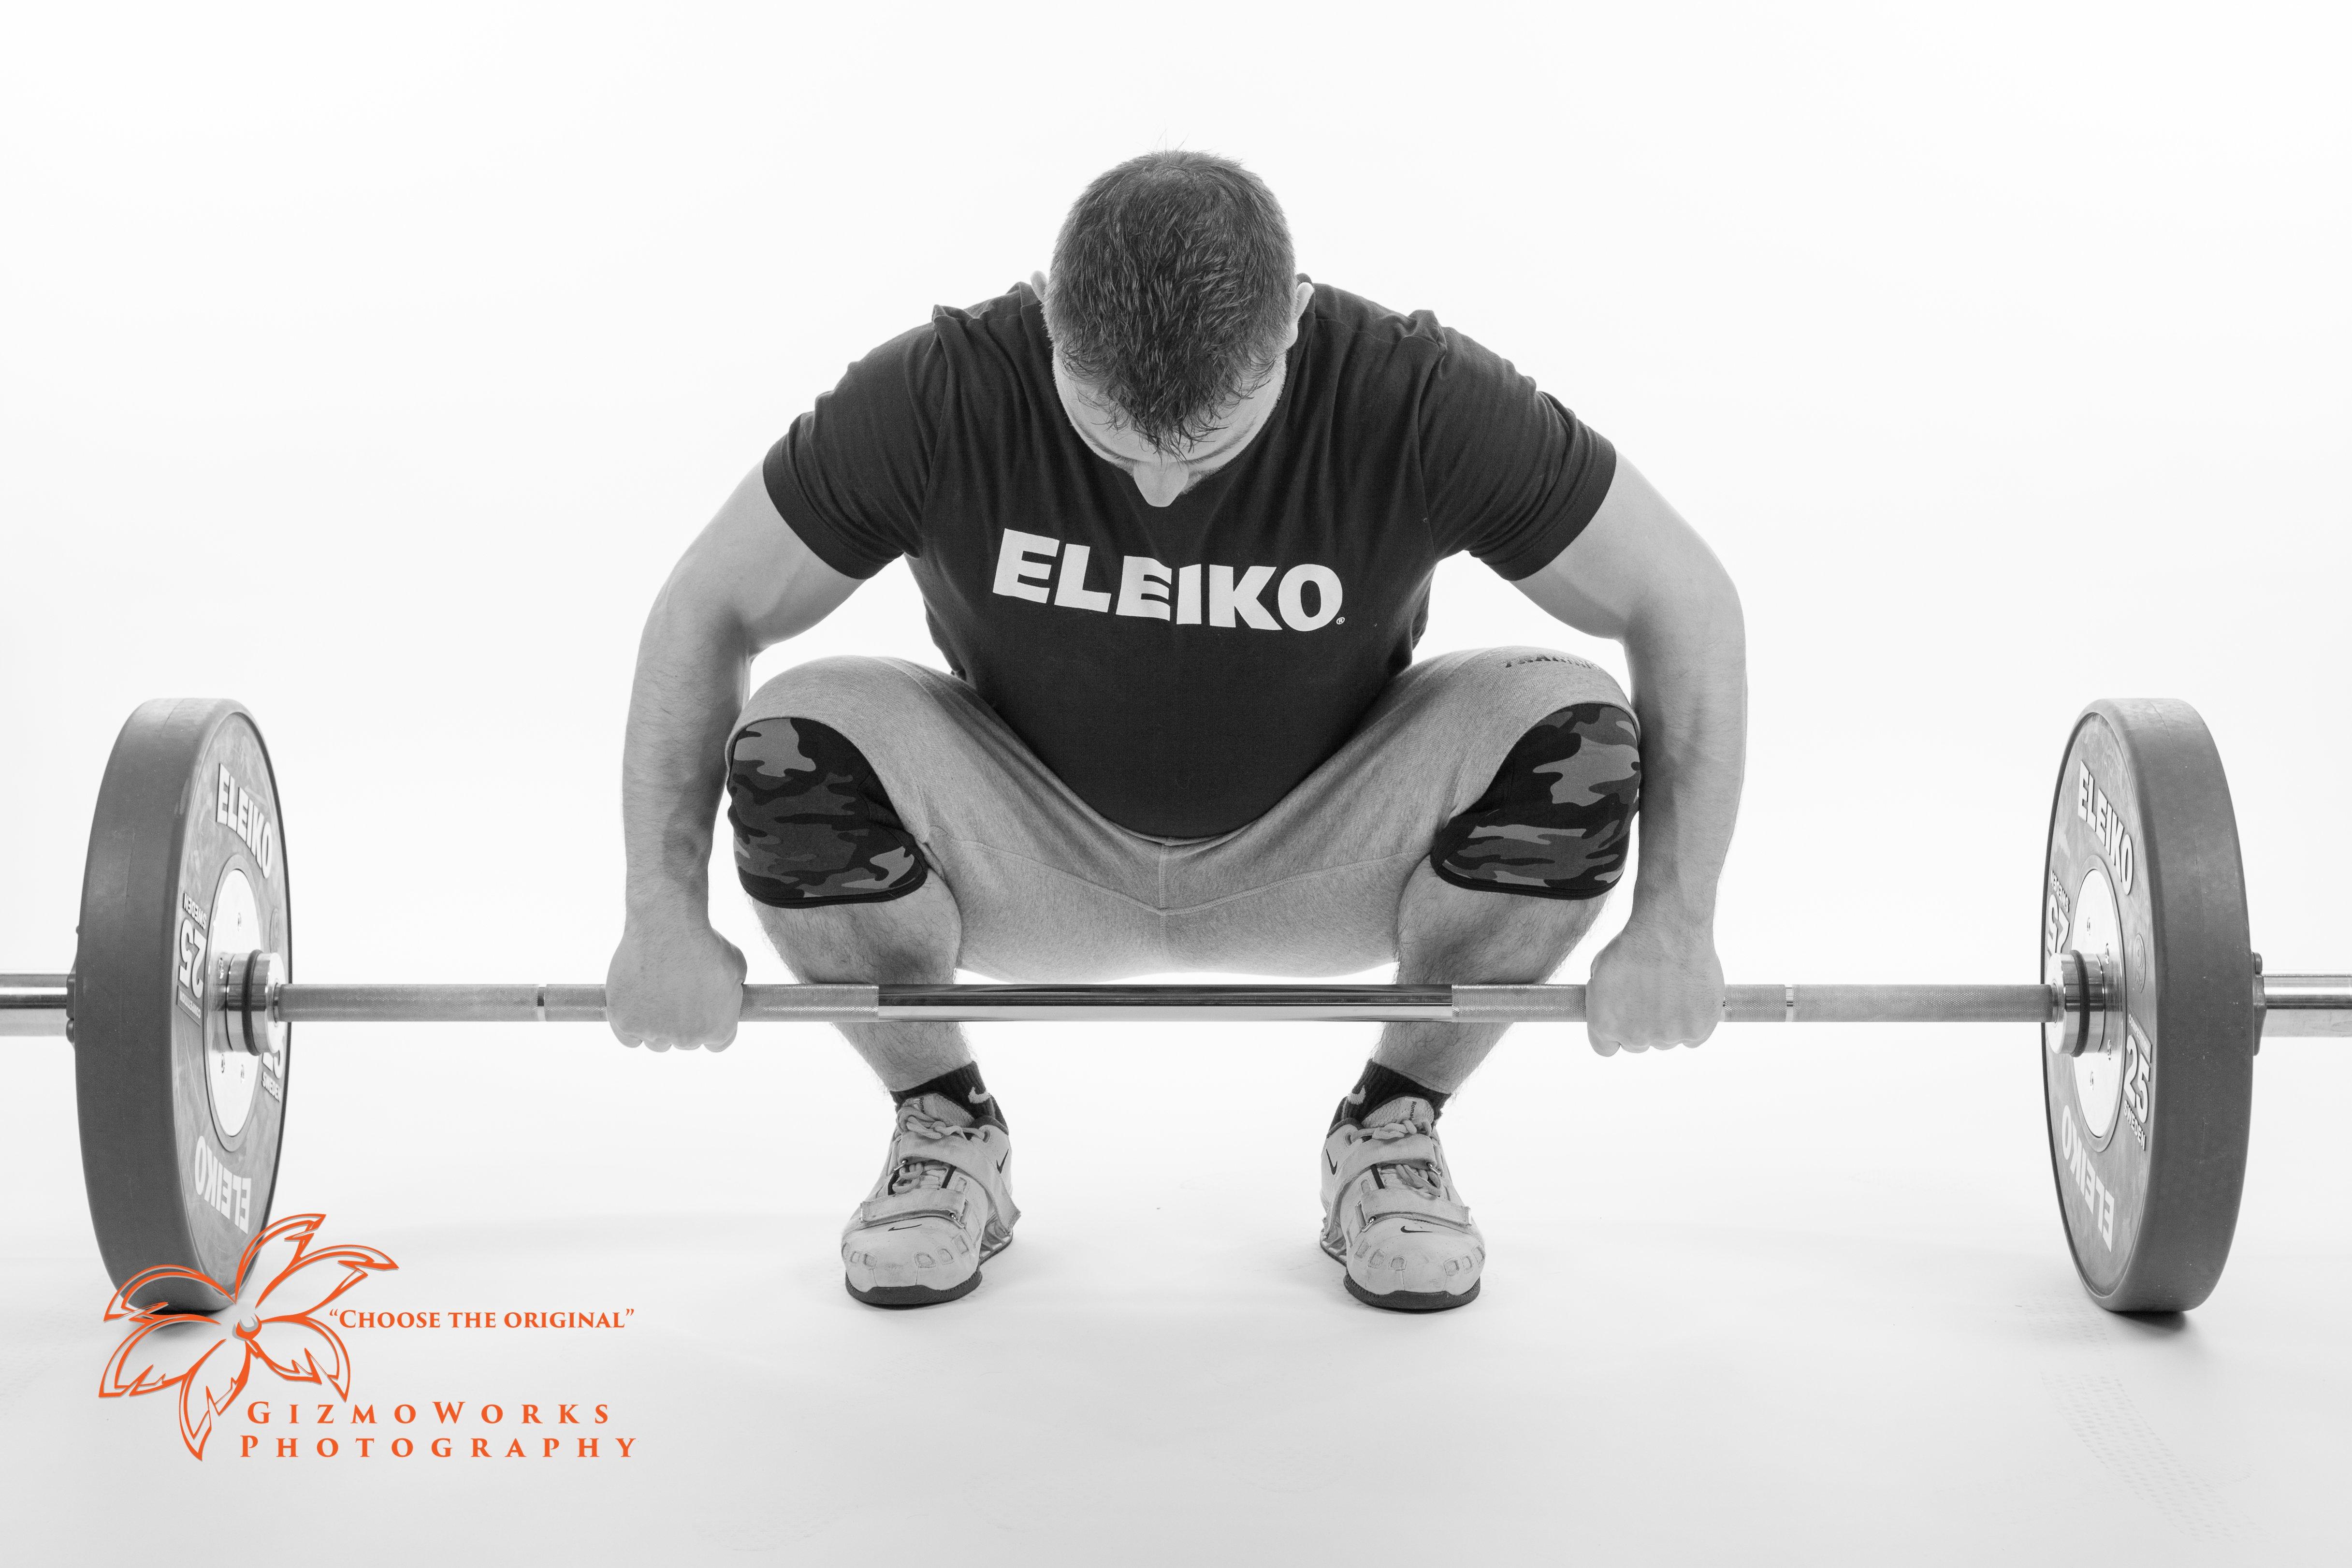 AALO BV Weightlifting